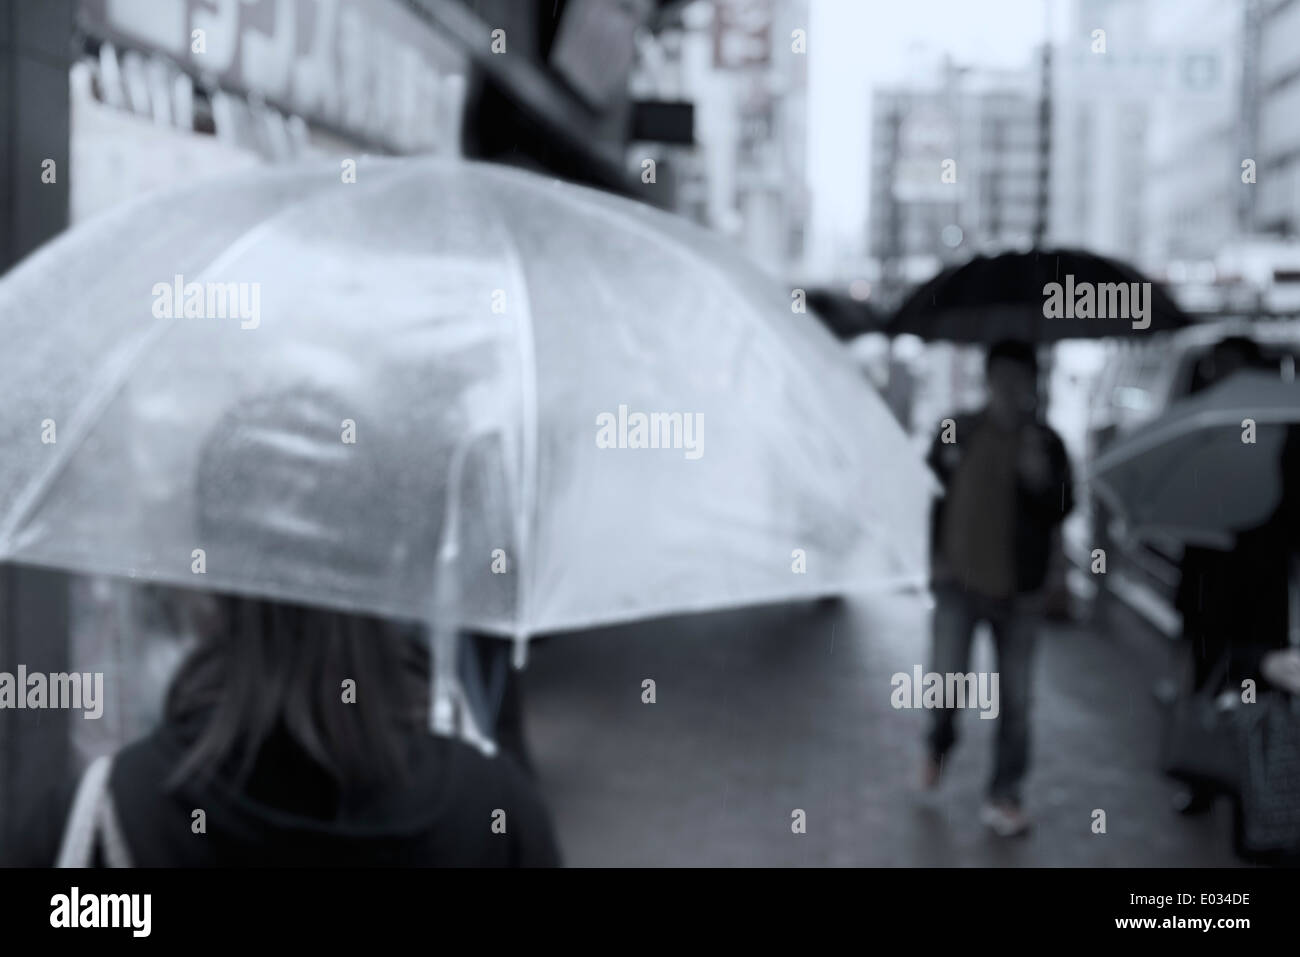 Aus Focus Foto von Menschen mit Regenschirmen, die Straßen von Tokio, Japan Stockbild